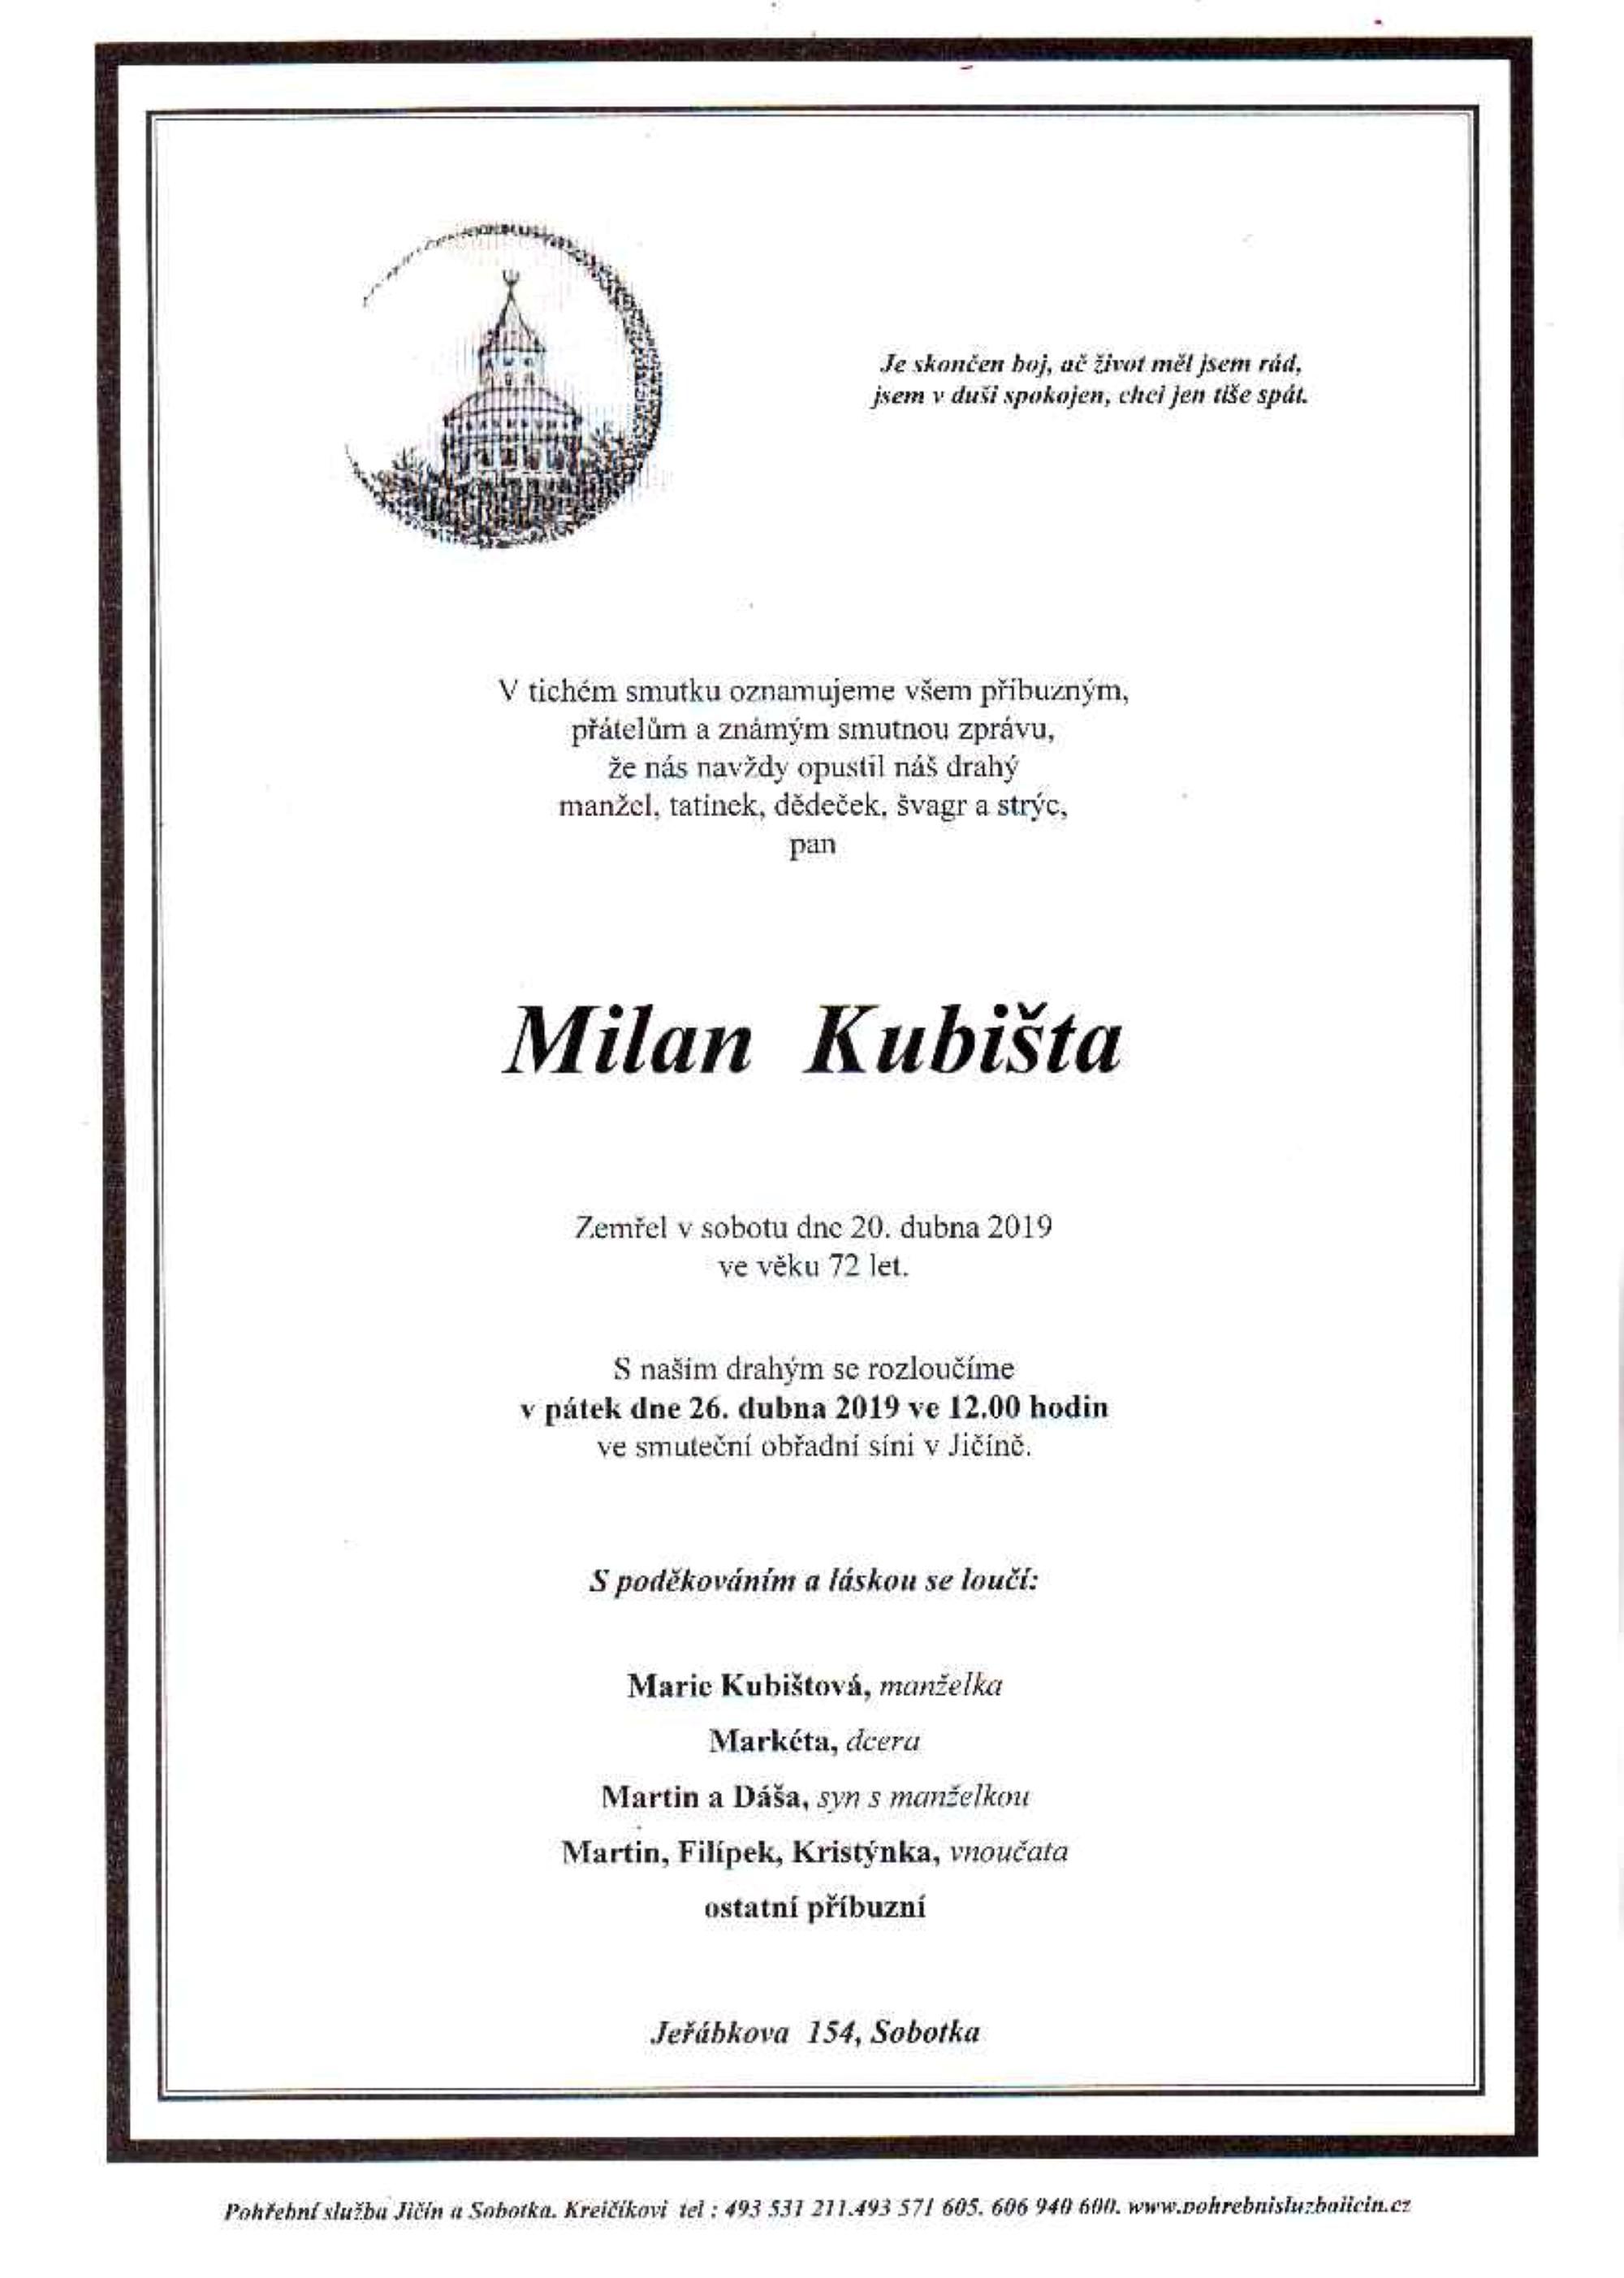 Milan Kubišta